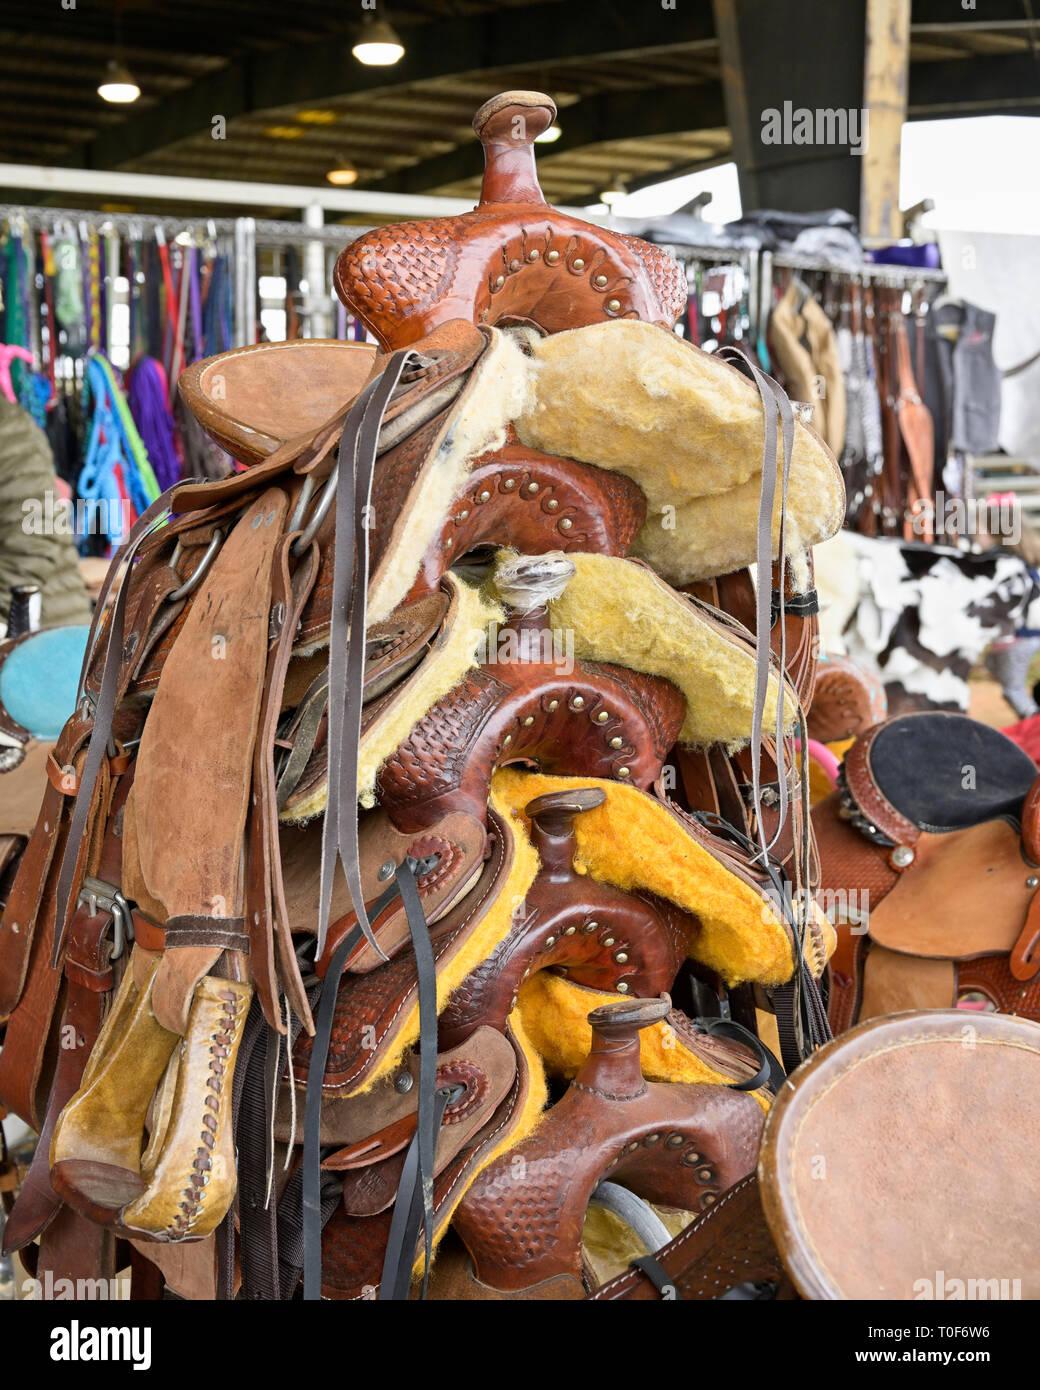 Western Saddles Stock Photos & Western Saddles Stock Images